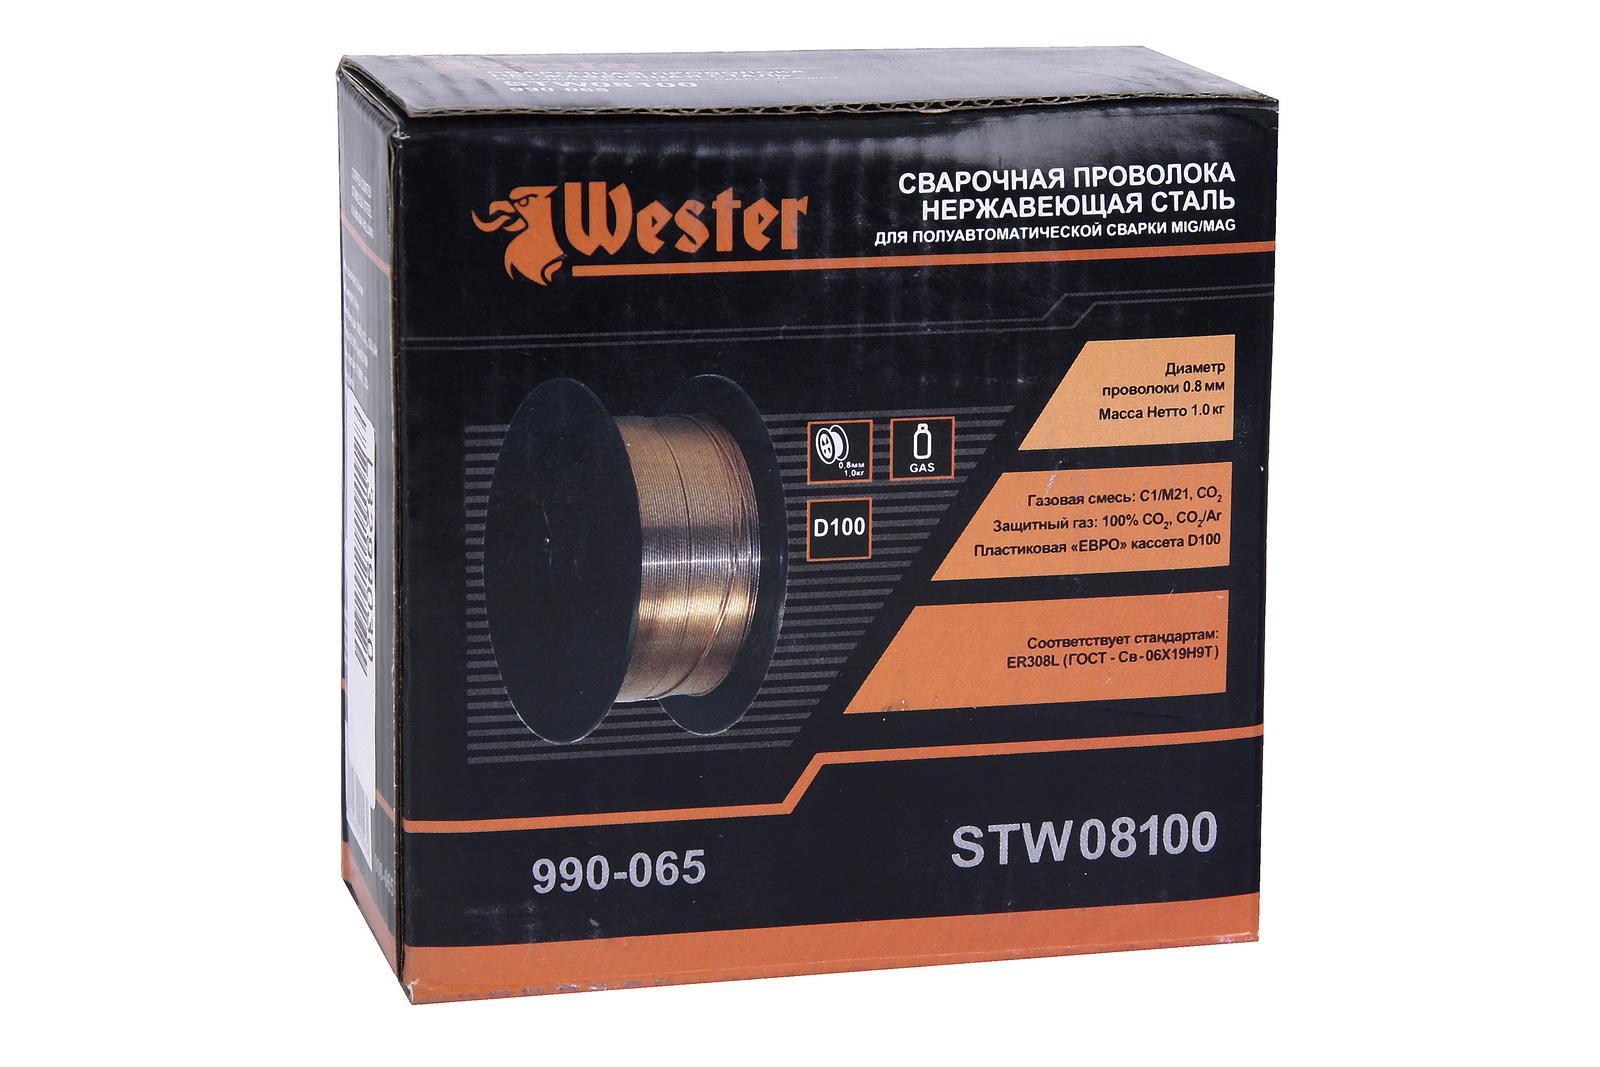 Проволока сварочная Wester Stw08100 от 220 Вольт